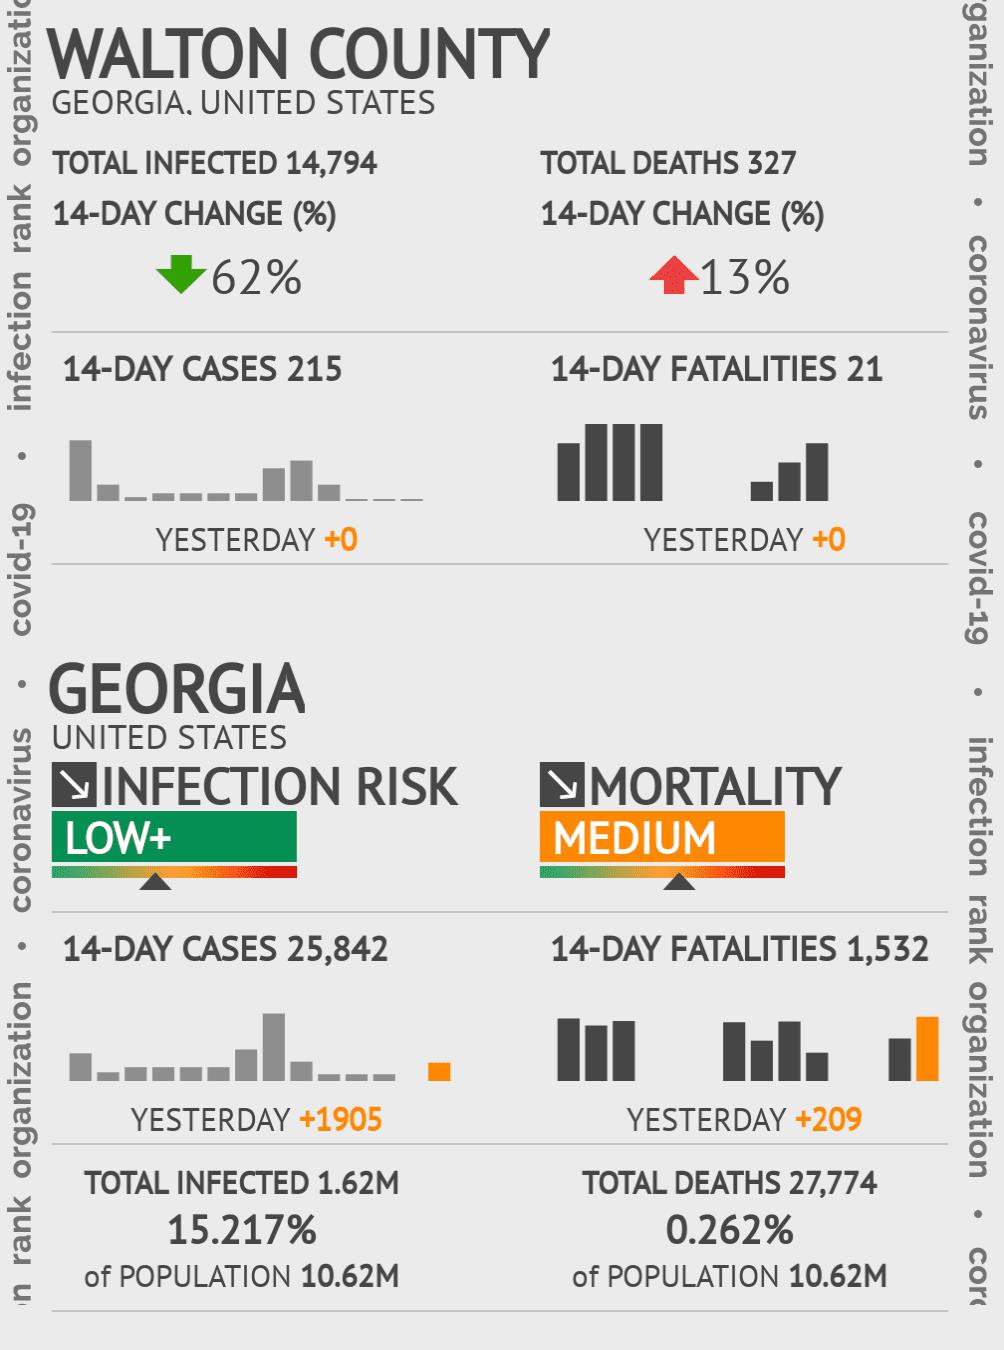 Walton County Coronavirus Covid-19 Risk of Infection on November 30, 2020